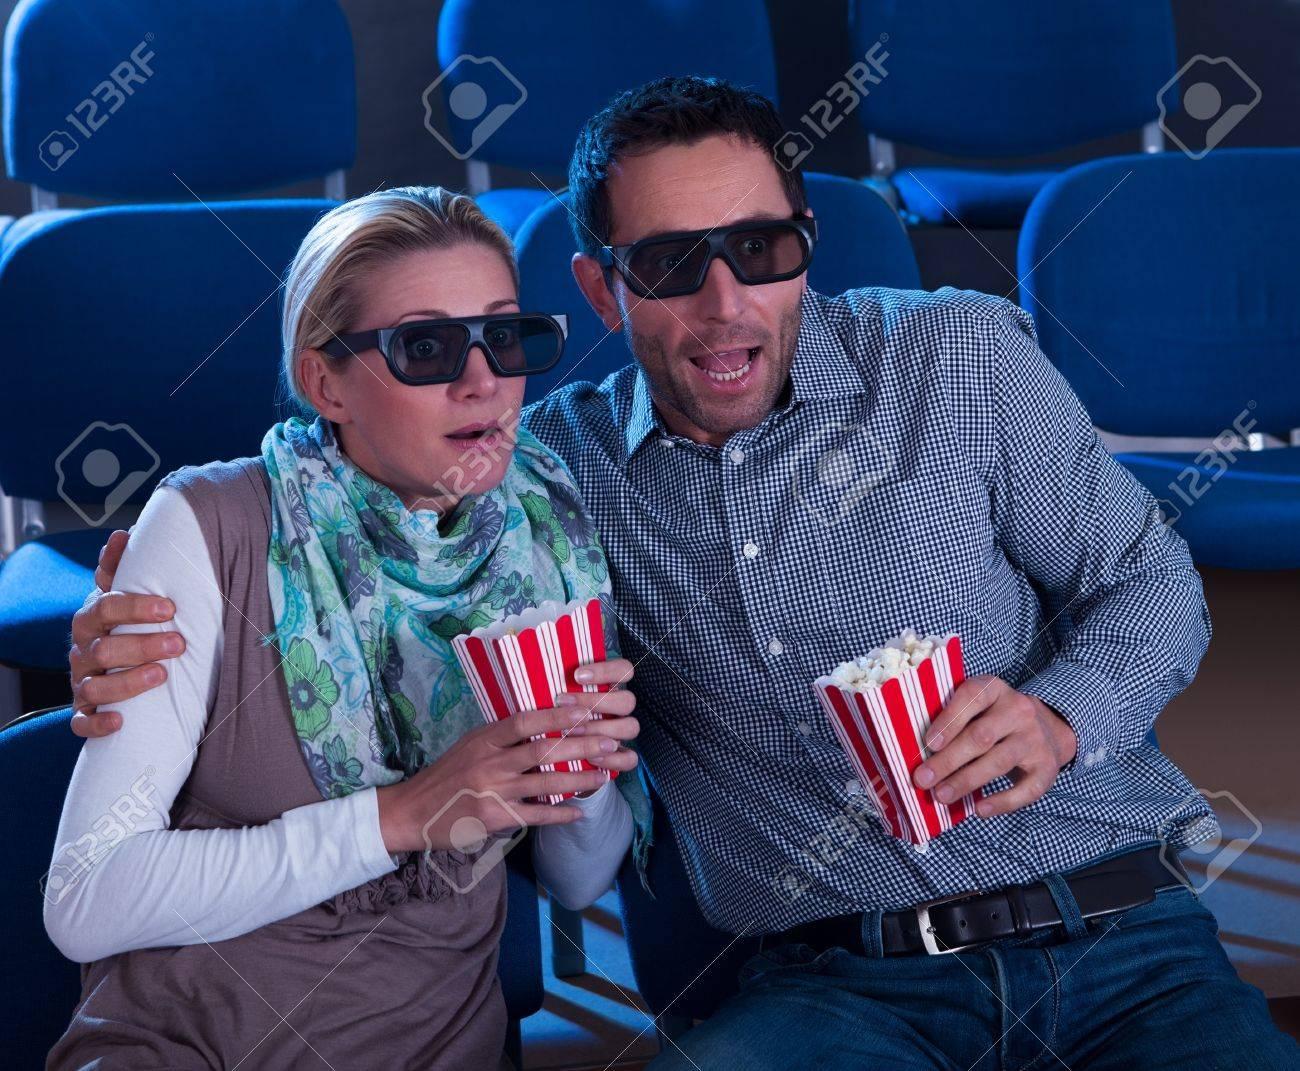 nuovo arrivo bambino scarpe da ginnastica a buon mercato Coppia, seduta in posti in un cinema con gli occhiali 3D che reagiscono  alla realtà dell'immagine dimensionale in una scena del film